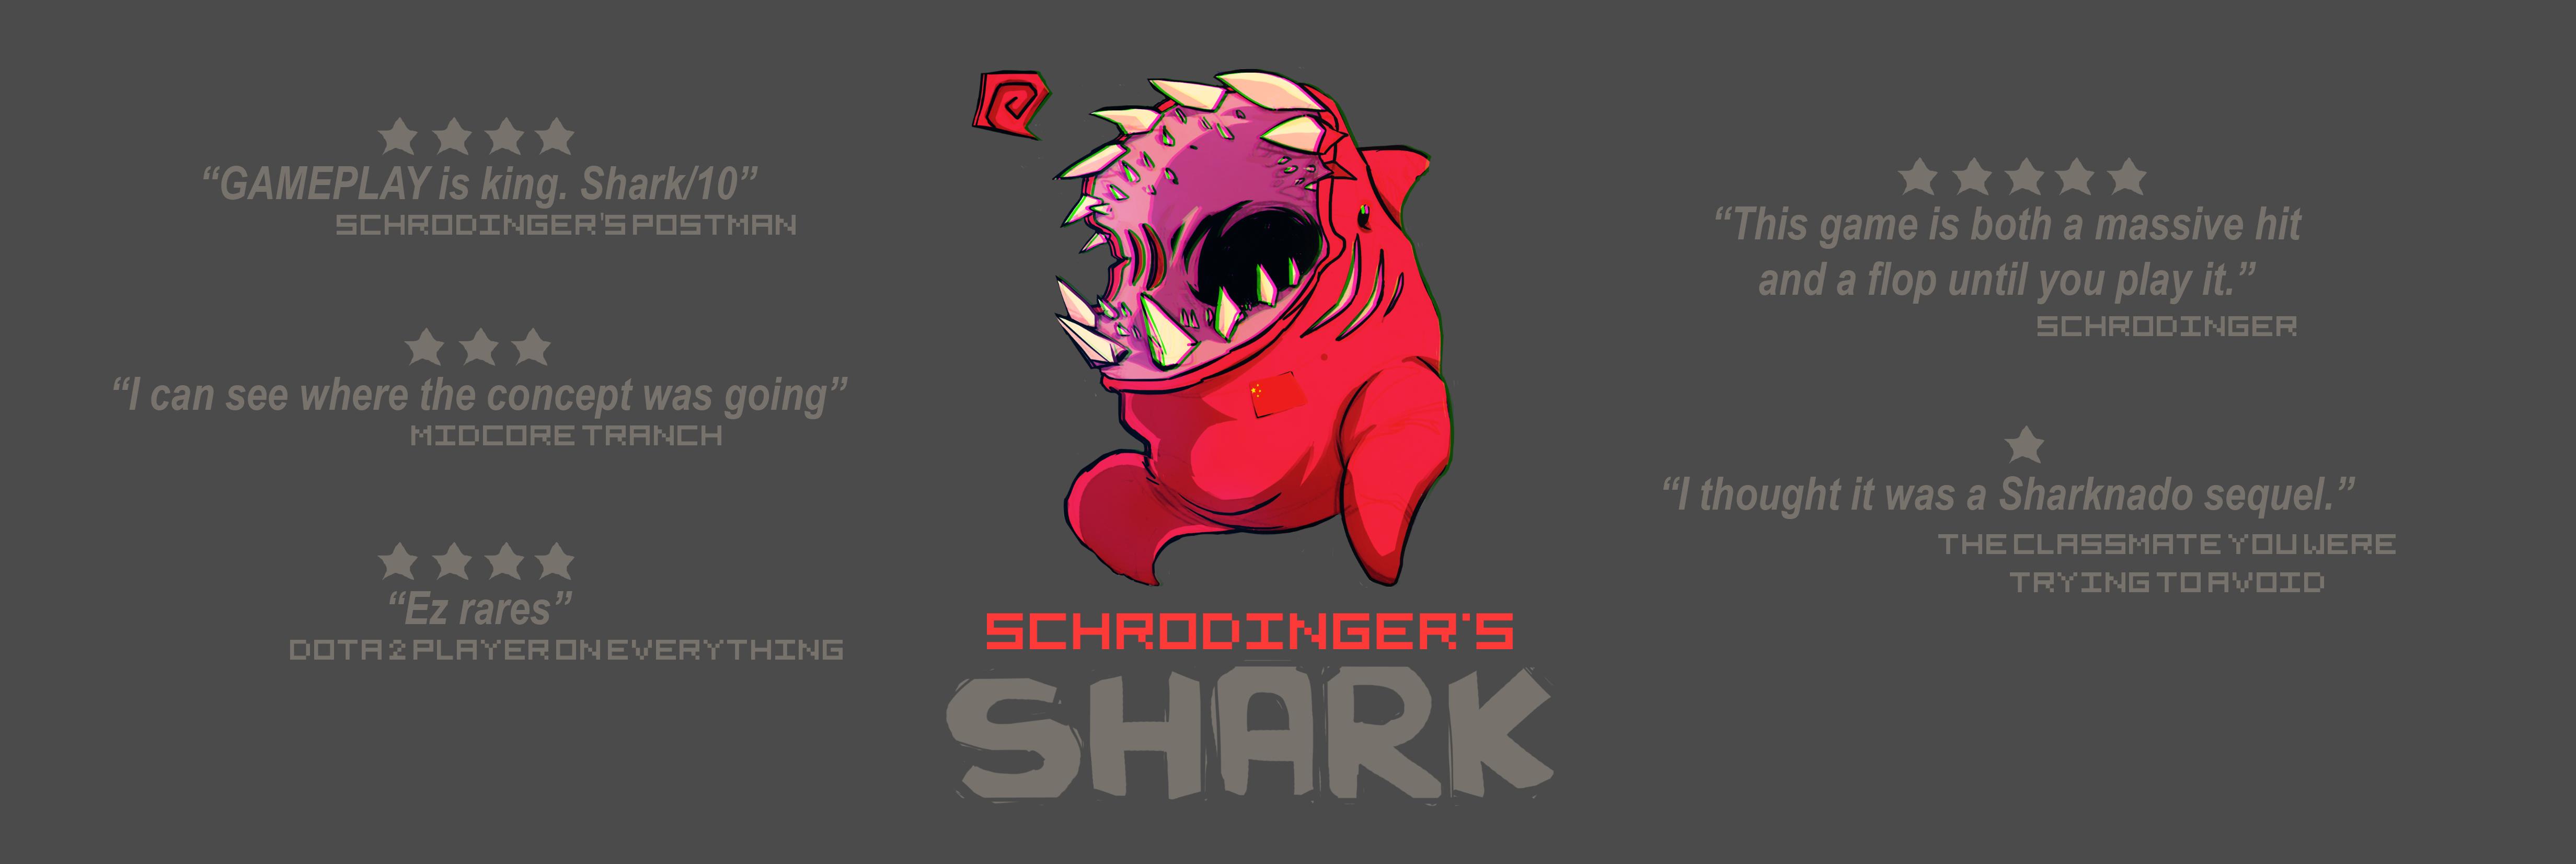 Schrodinger's Shark